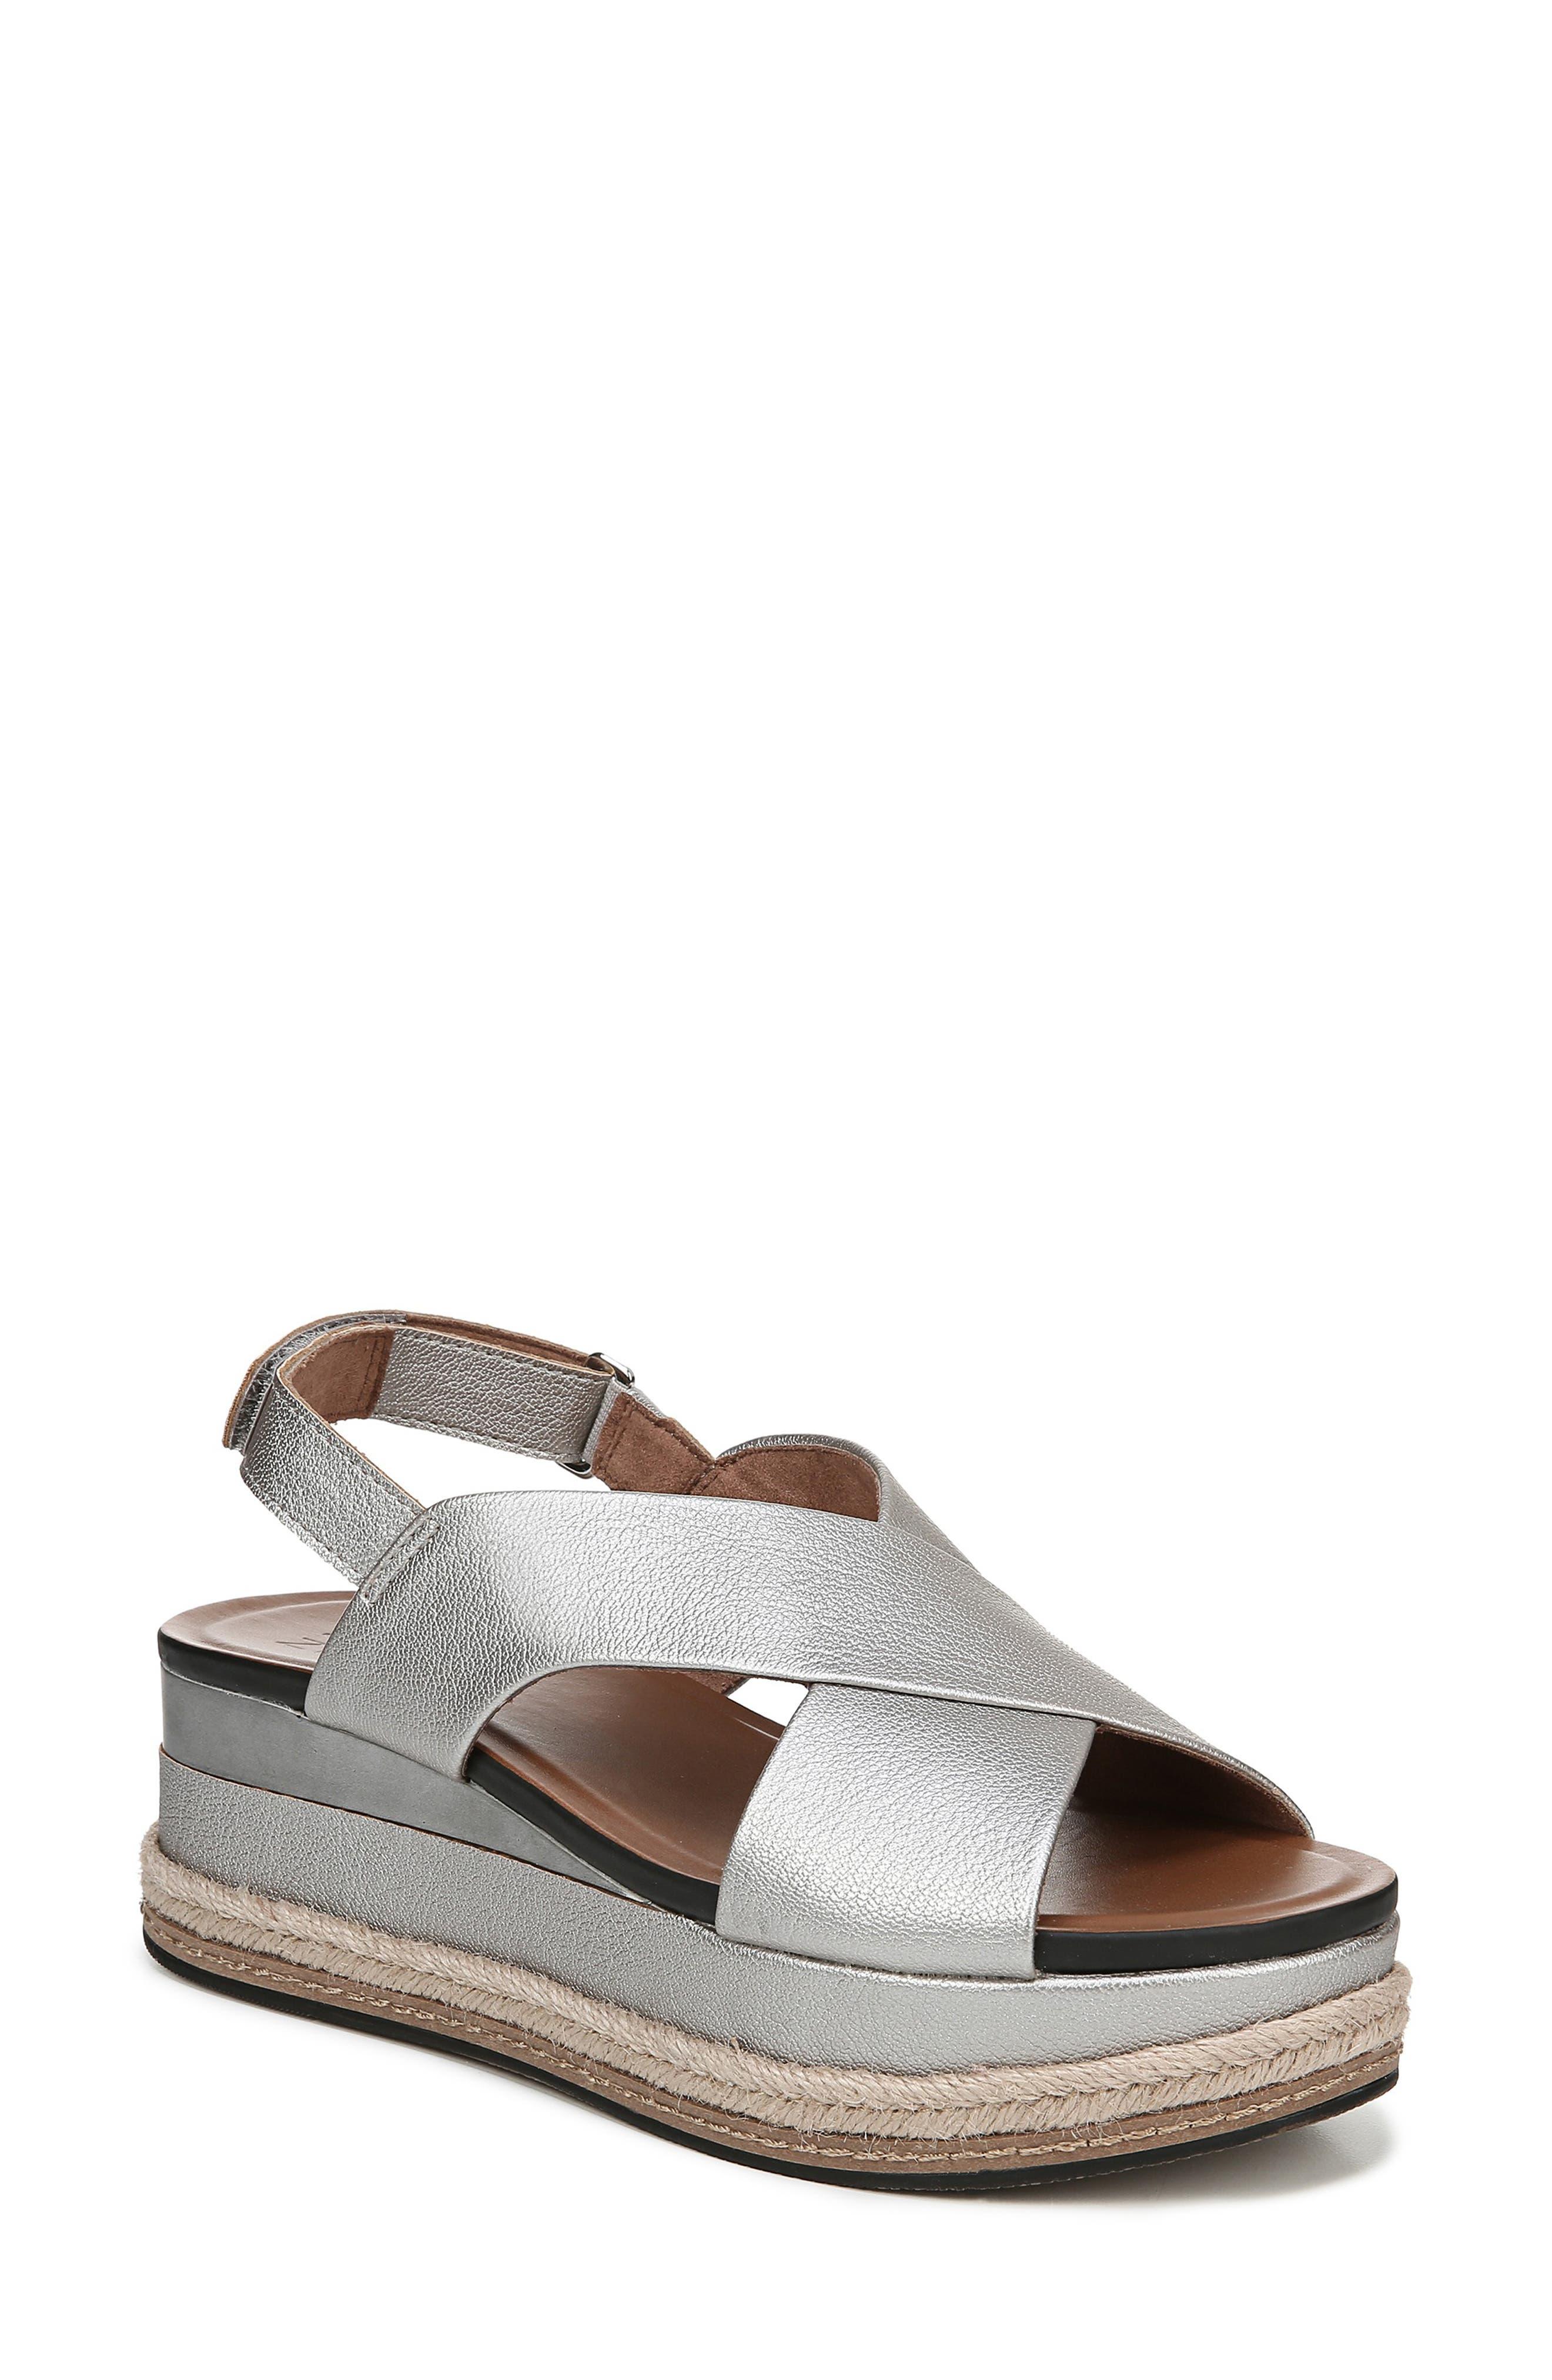 Naturalizer Baya Espadrille Wedge Sandal, Metallic